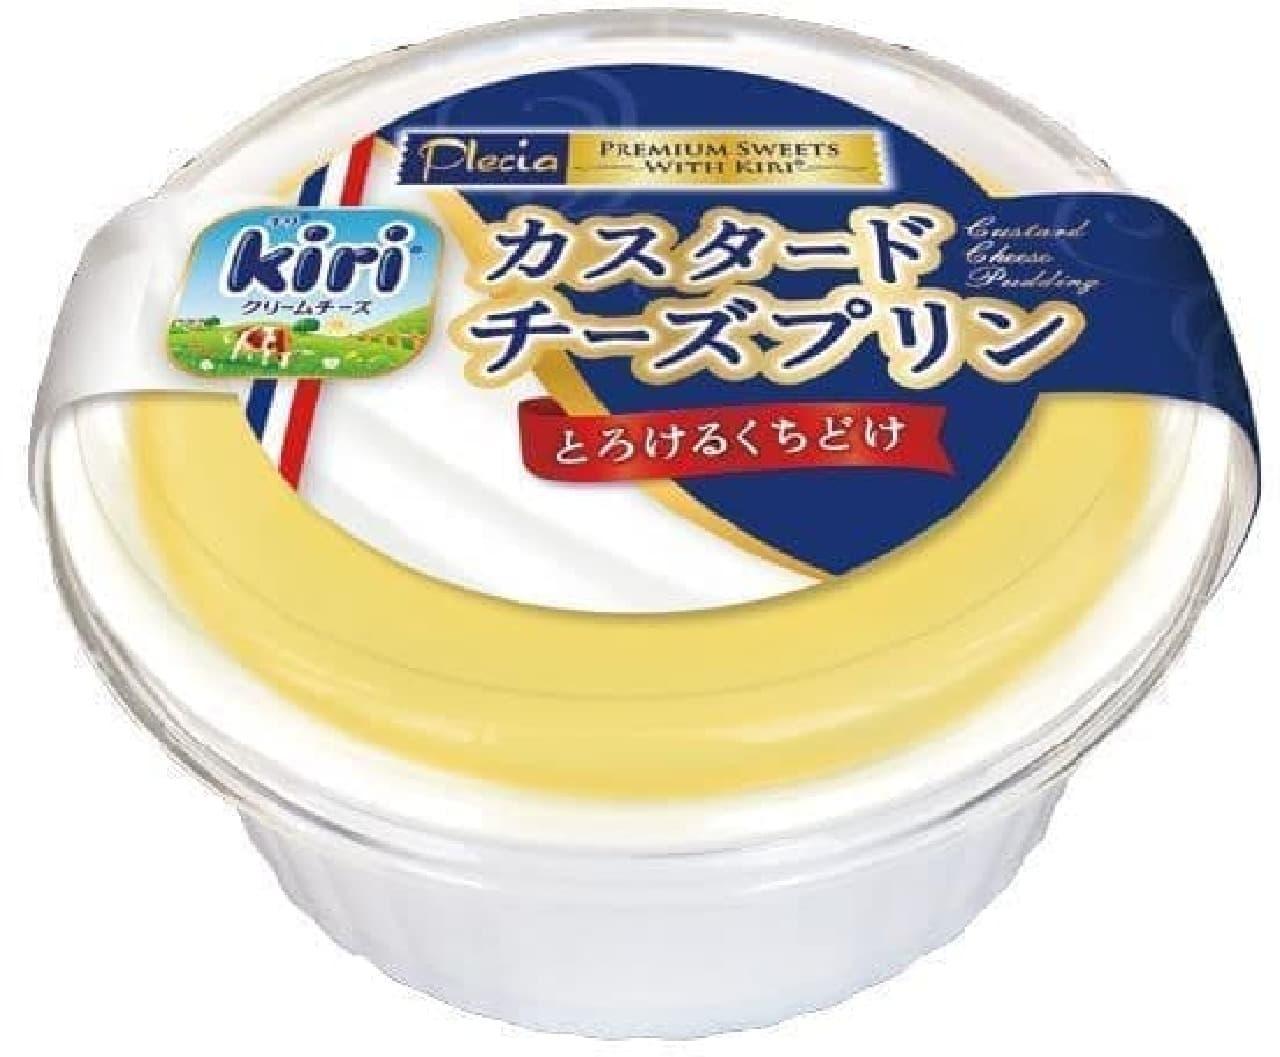 キリ クリームチーズを使った「カスタードチーズプリン」